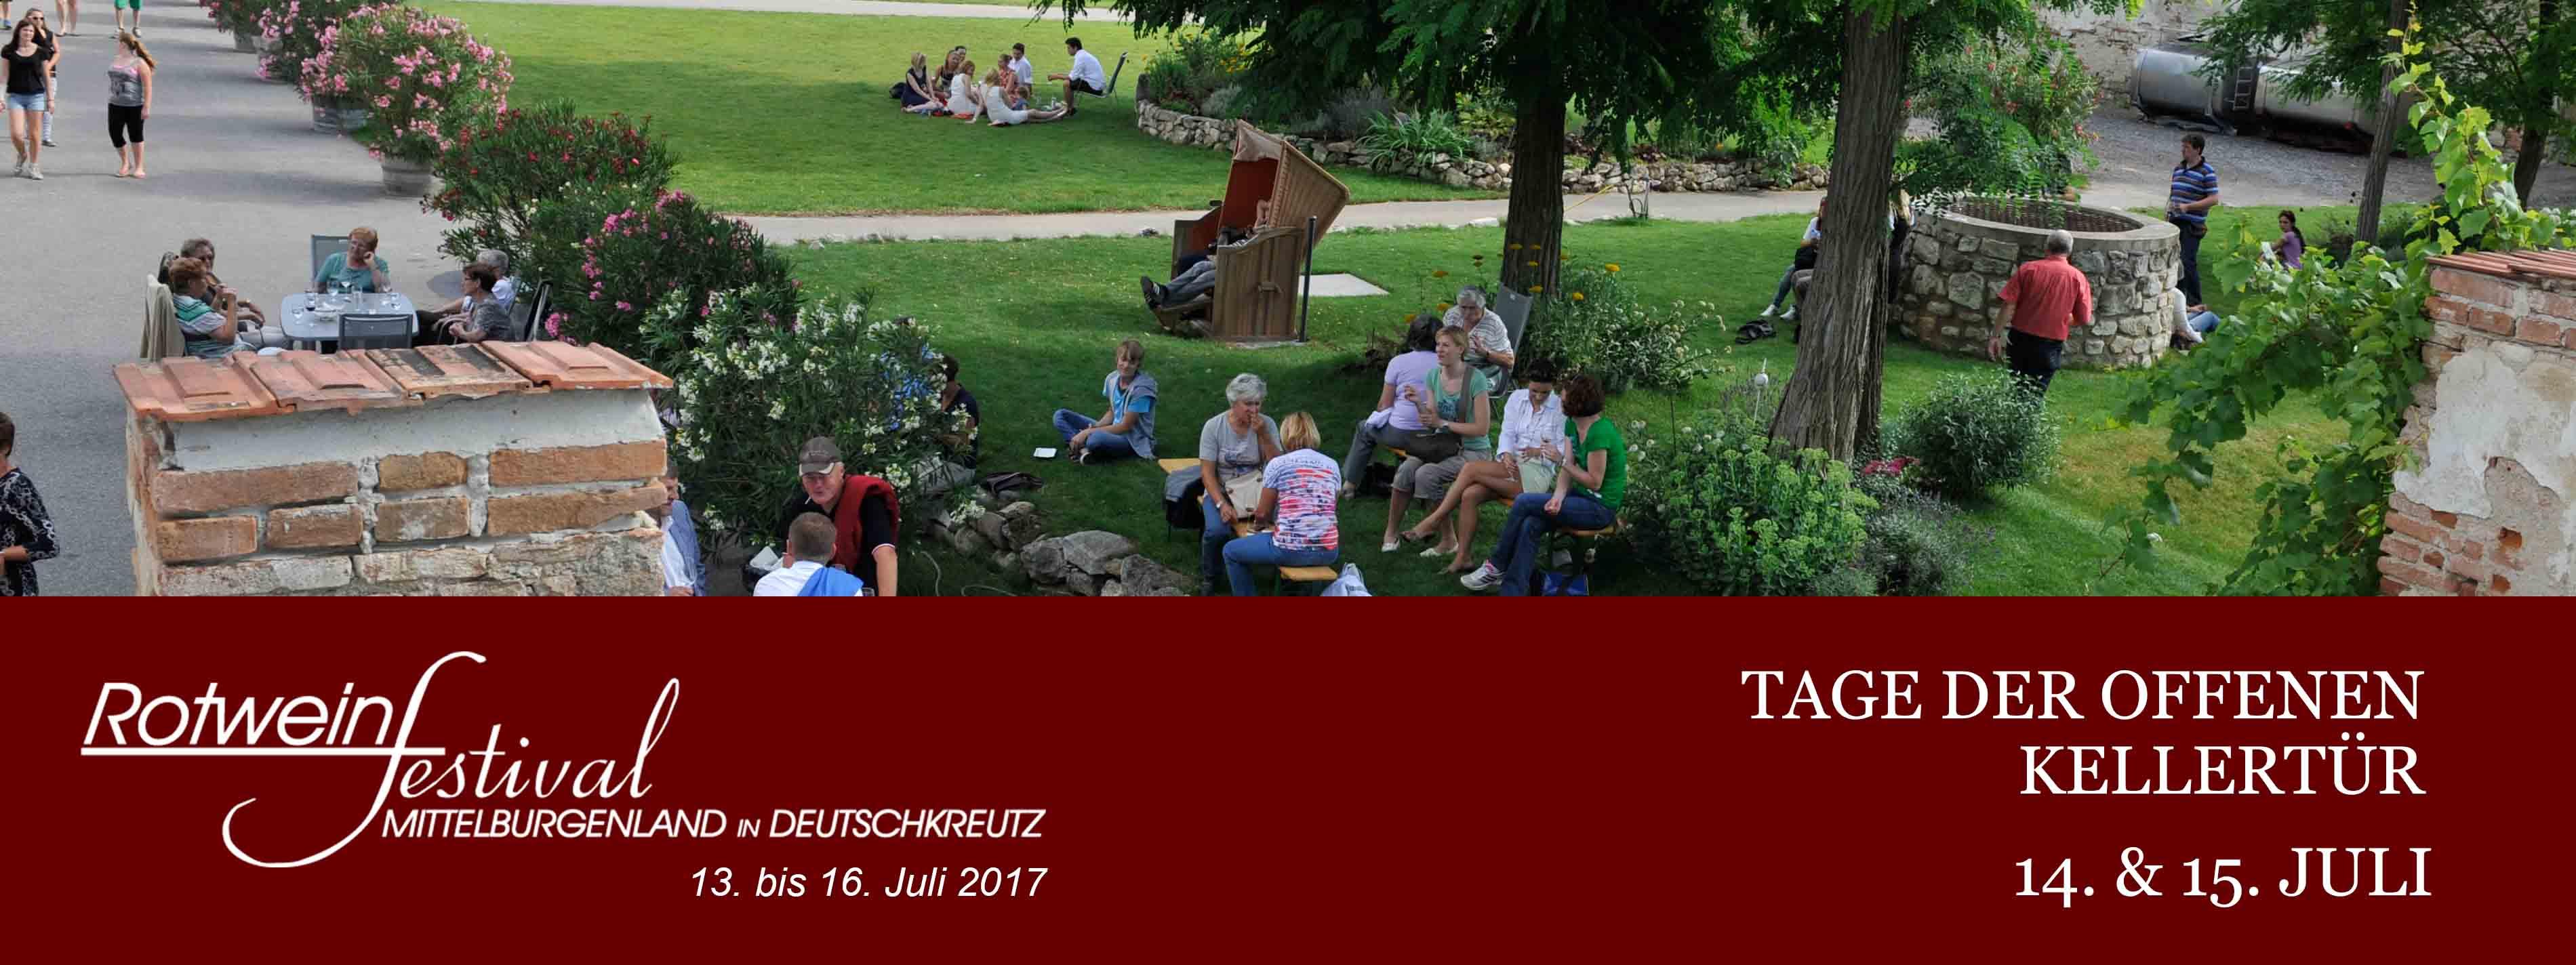 Rotweinfestival_Tage d. offenen Kellertuer